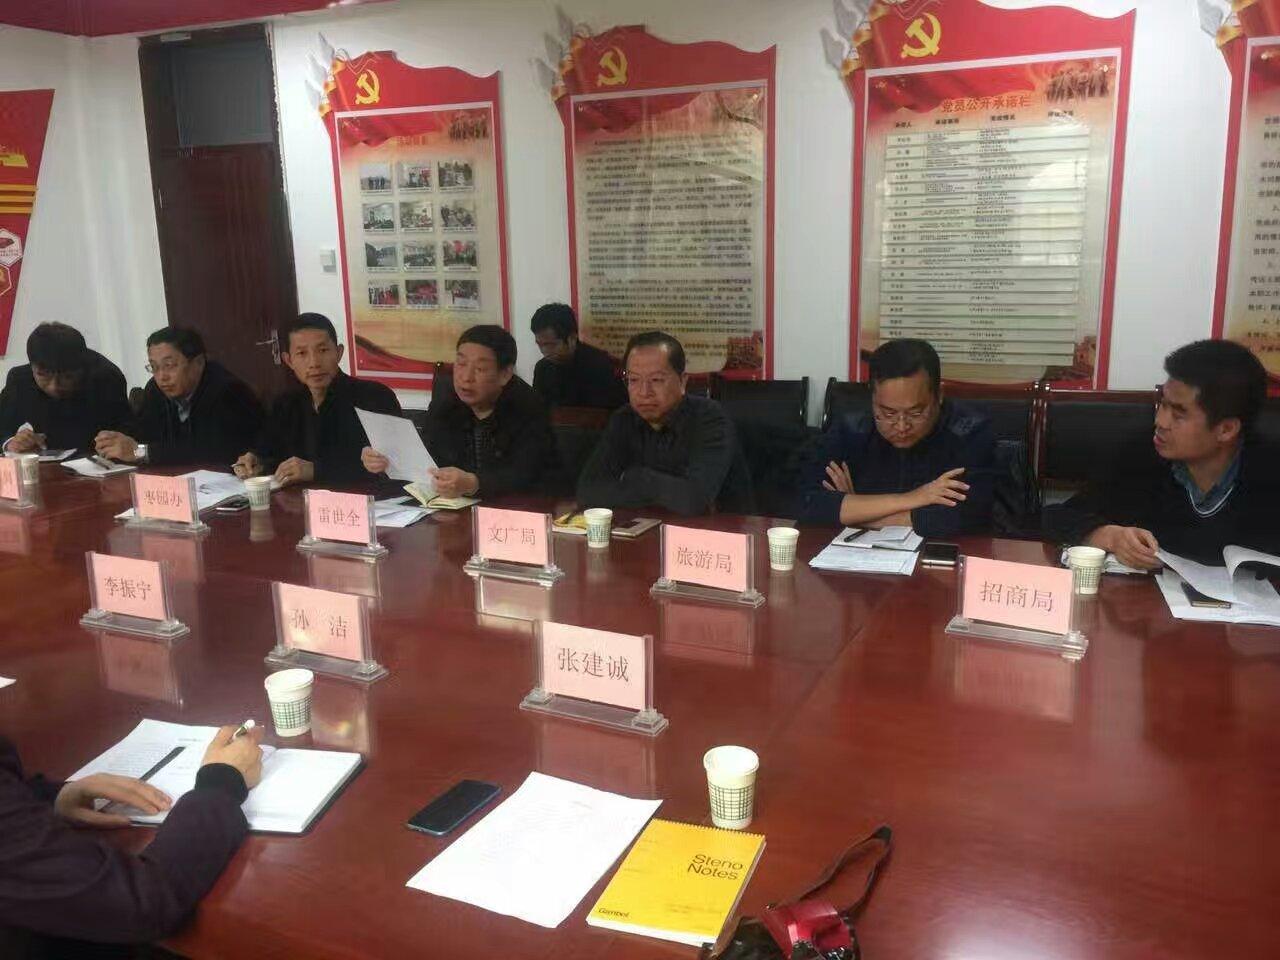 2016年12月7日,与革命圣地延安市、区、街道及各局、办相关领导就枣园红色文化打造进行座谈。